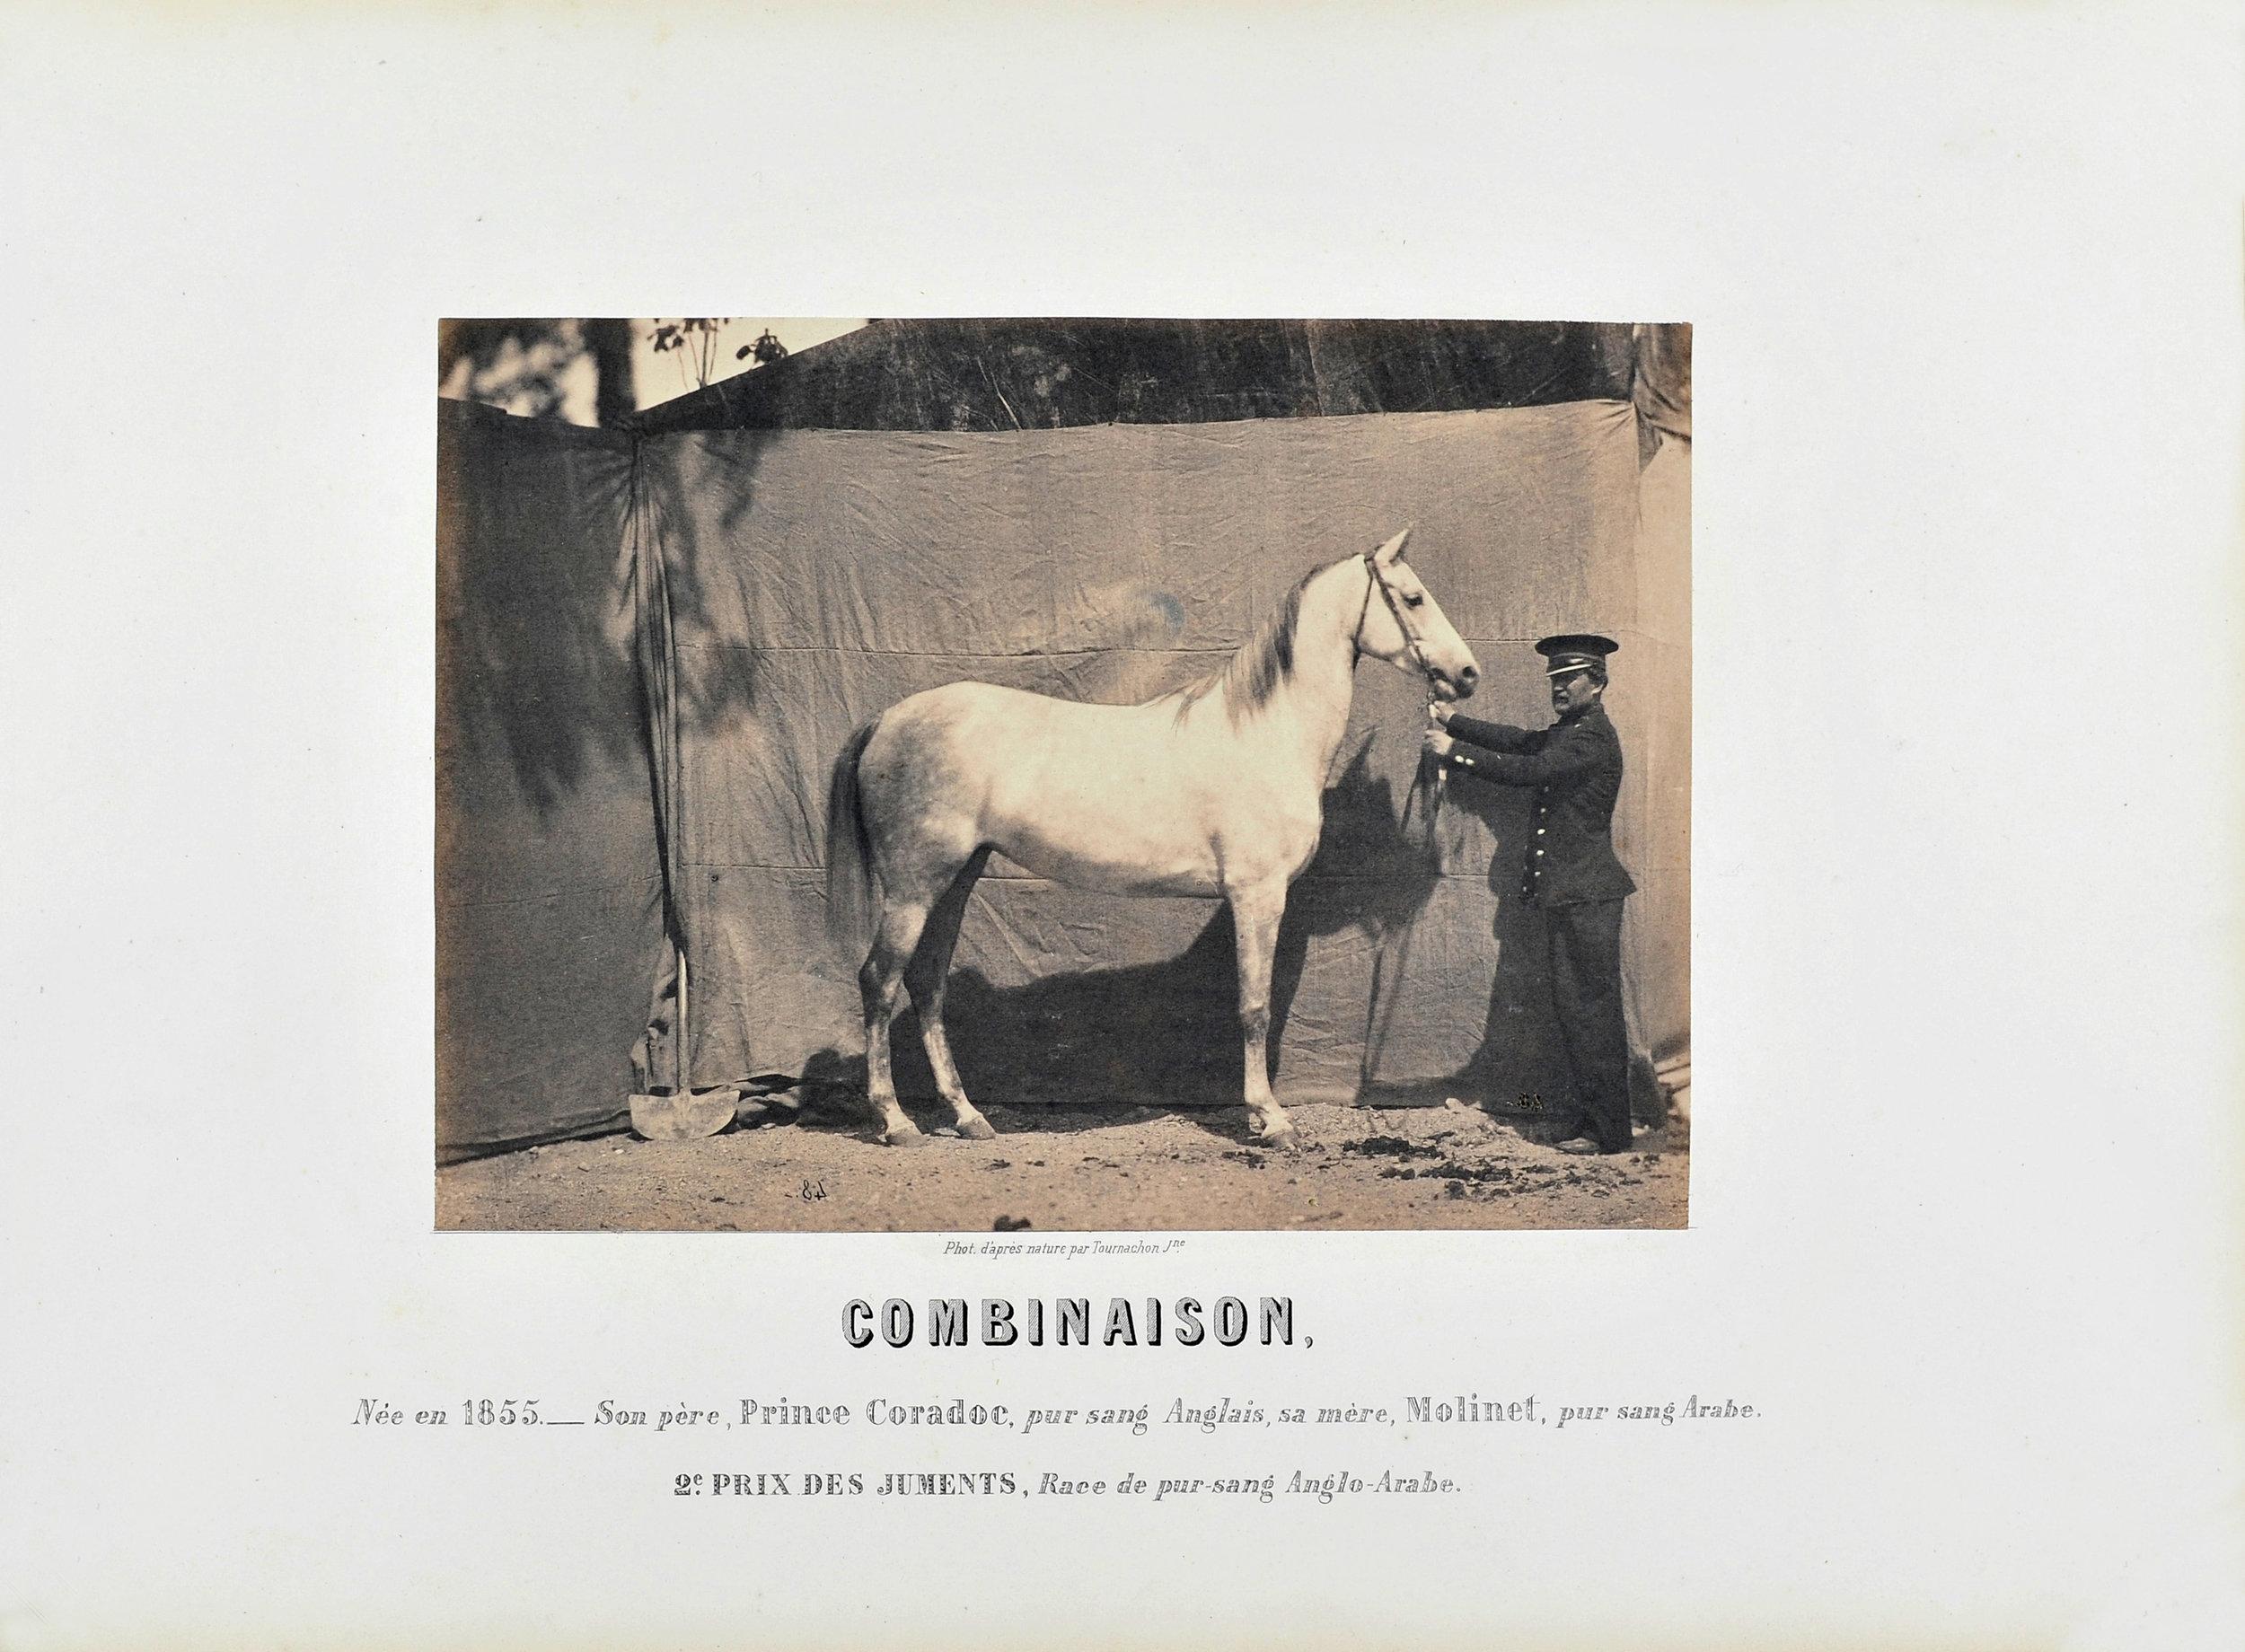 """Adrien TOURNACHON (1825-1903) """"Combinaison"""", 2e Prix des juments, c 1860 Salted Paper print, Courtesy L'Atelier D'Artistes"""